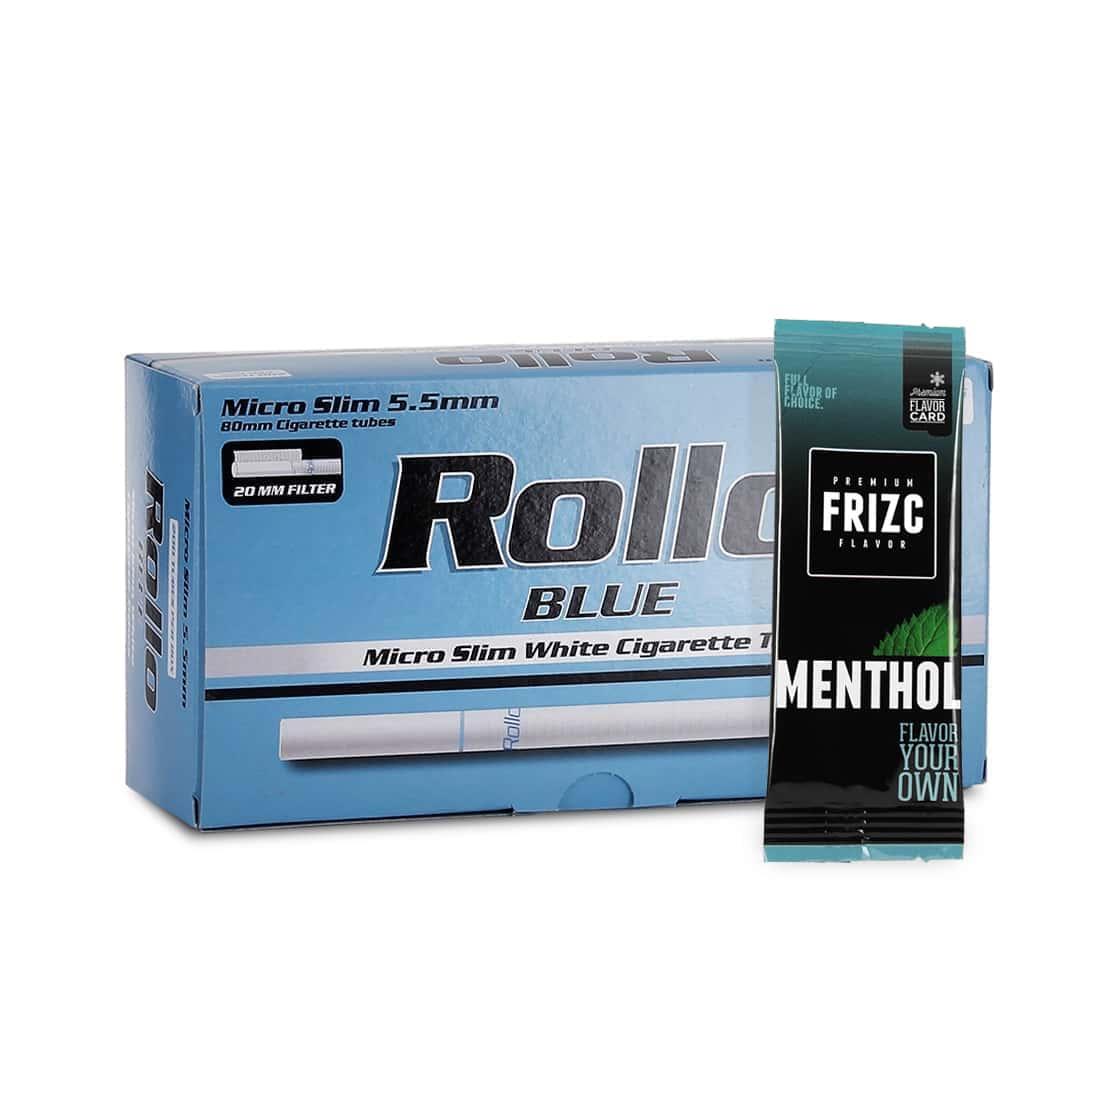 Photo de Pack Tubes Rollo Blue Micro Slim Carte Frizc Menthol